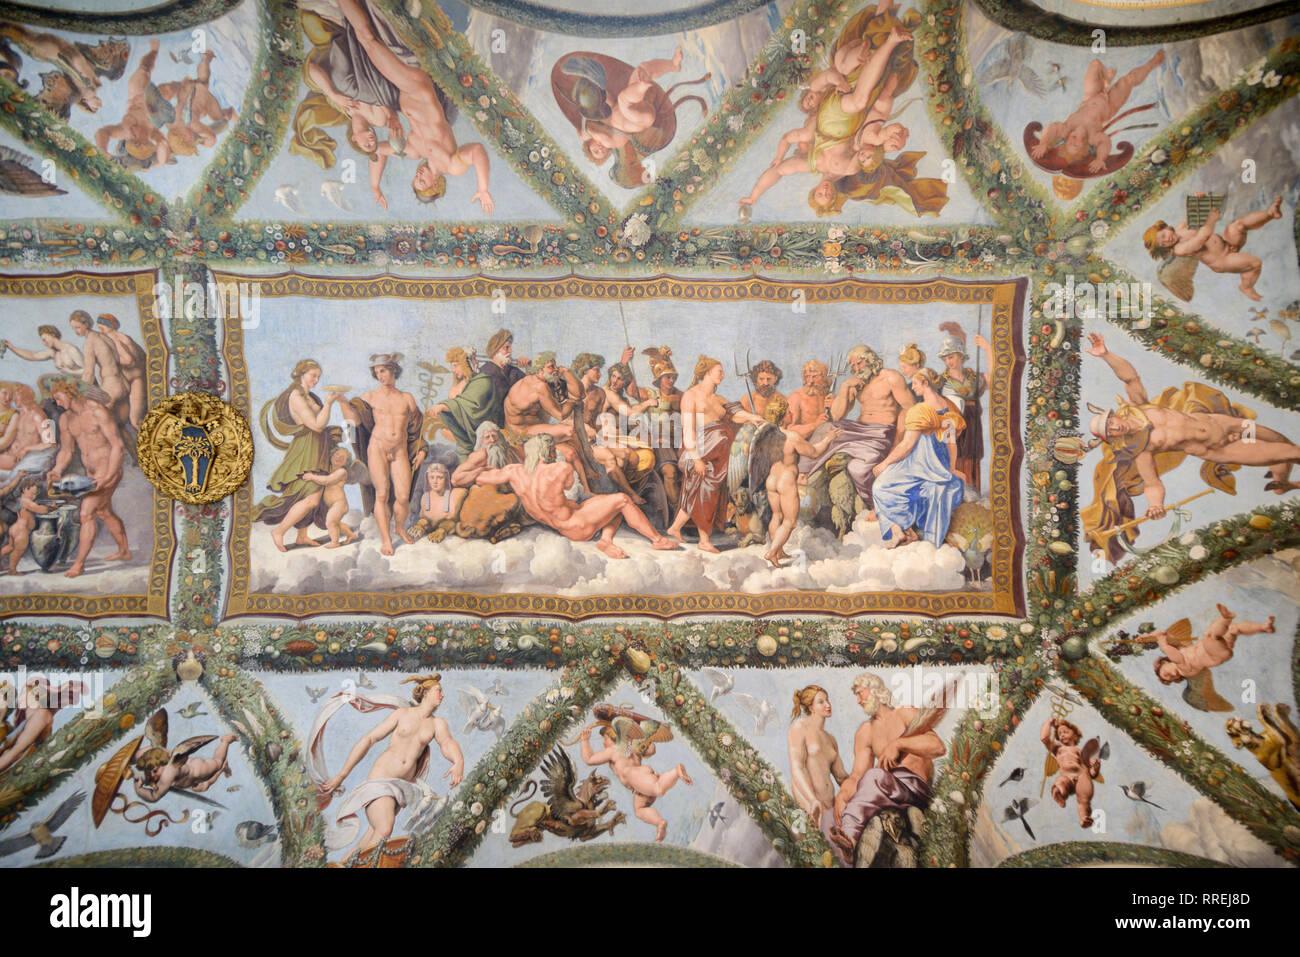 Il soffitto dipinto della Loggia di Cupido & Psiche (1518) da Raphaël, nel rinascimento Villa Farnesina, costruito 1506-1510, Trastevere Roma Italia Immagini Stock